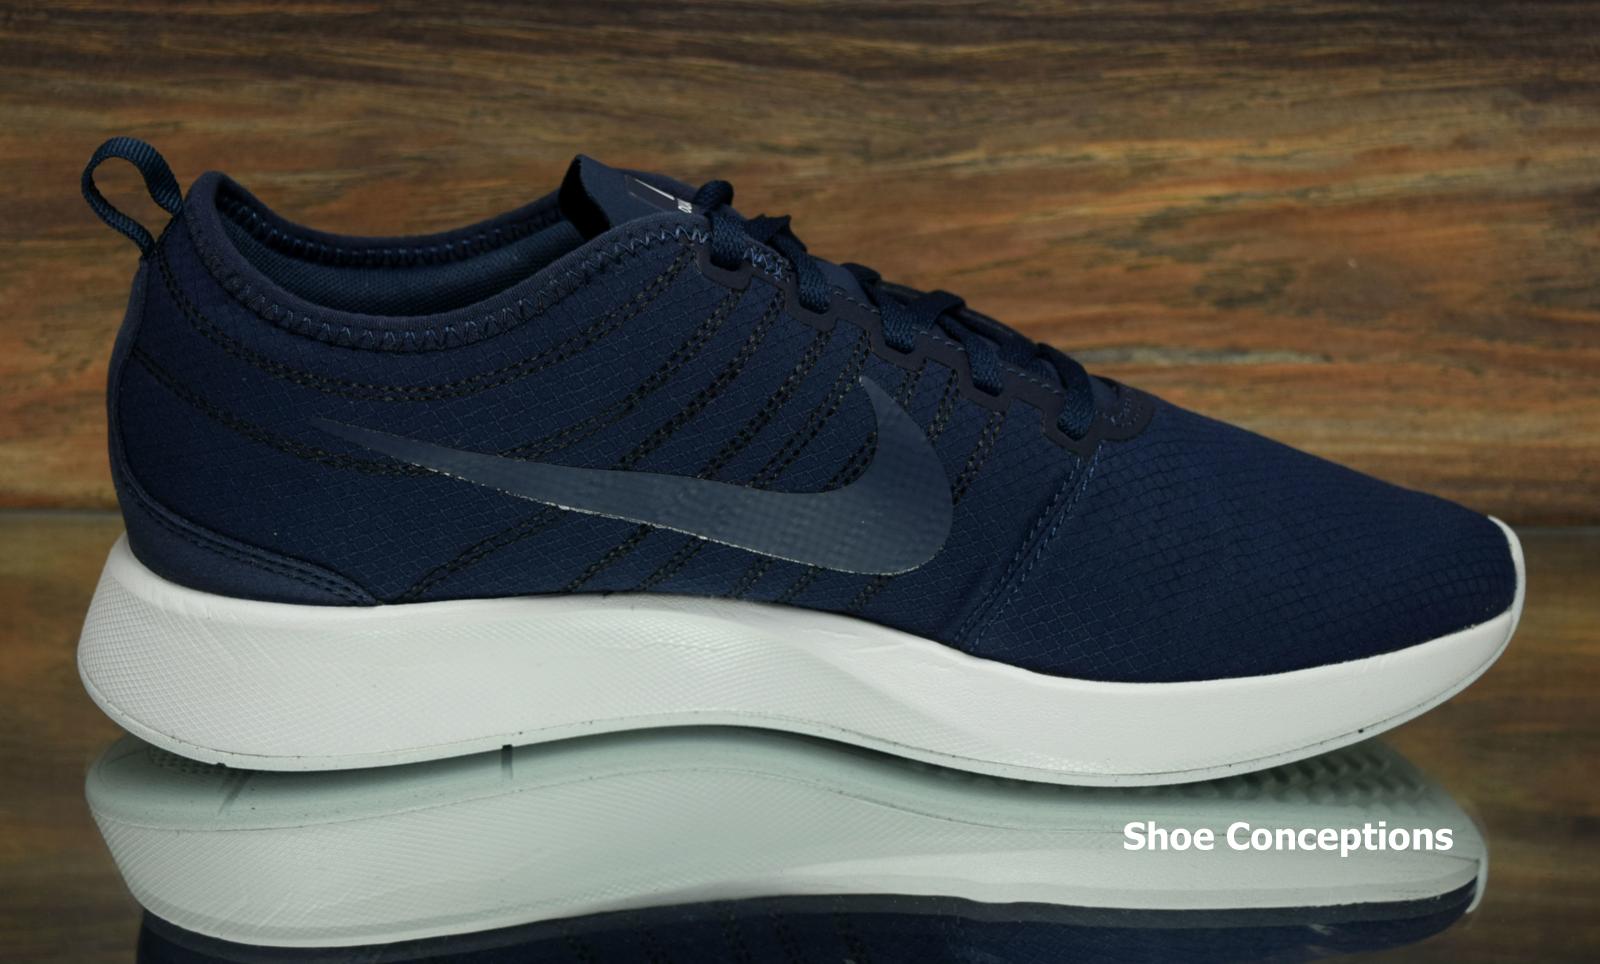 Nike dualtone racer se corsa blu biancastro 922170-400 scarpe da corsa se degli uomini pidimensioni 63e8da